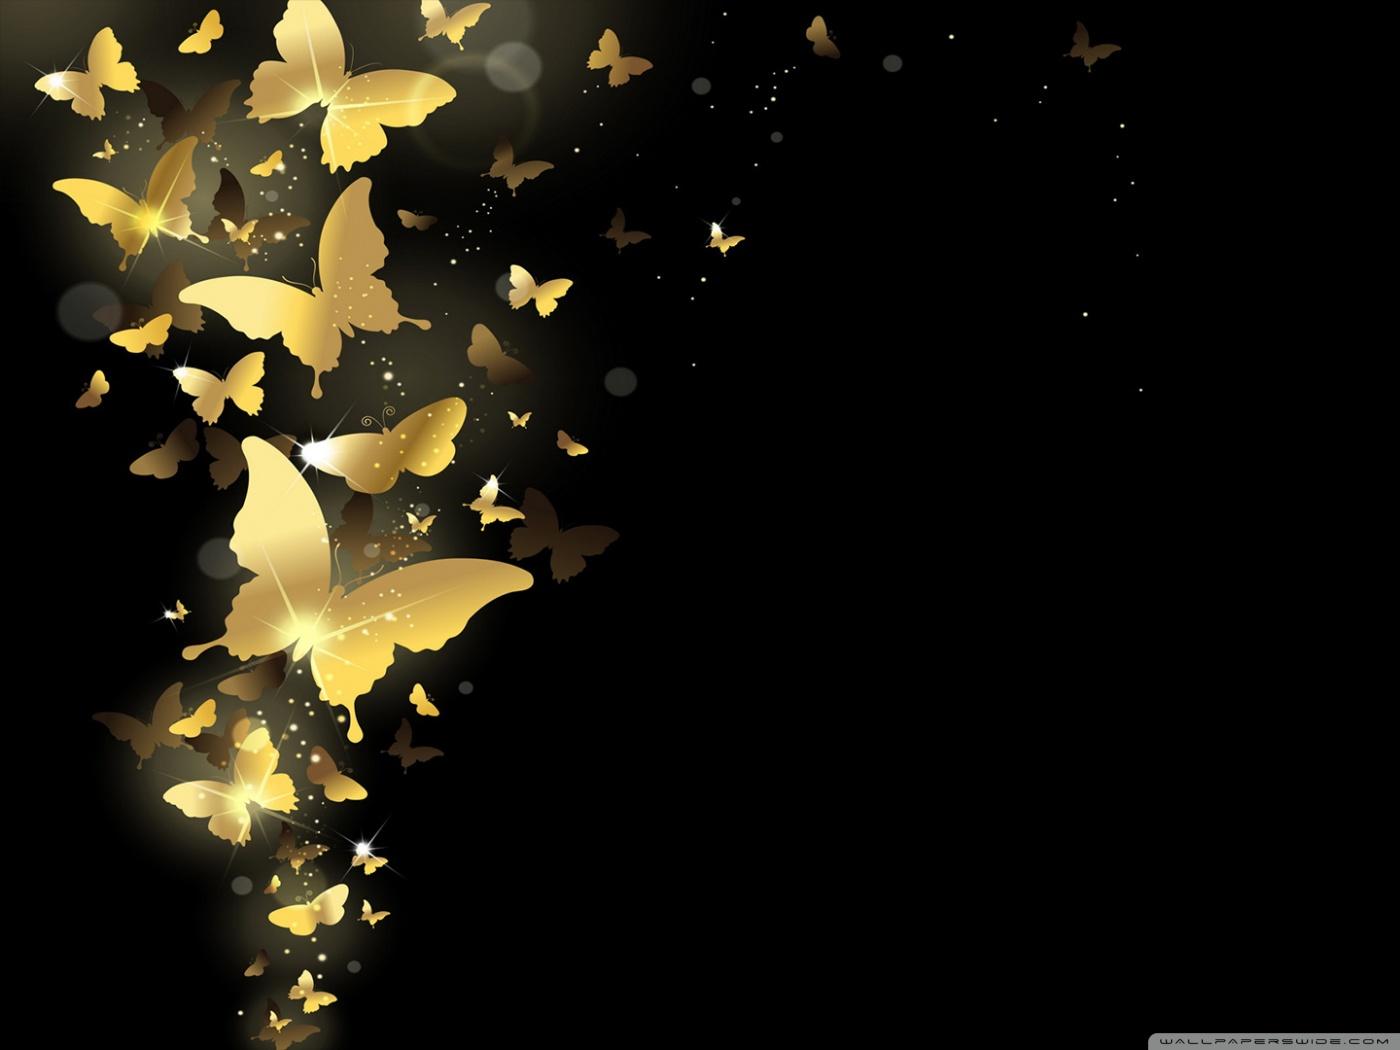 3d Windows Phone Wallpaper Golden Butterflies 4k Hd Desktop Wallpaper For 4k Ultra Hd